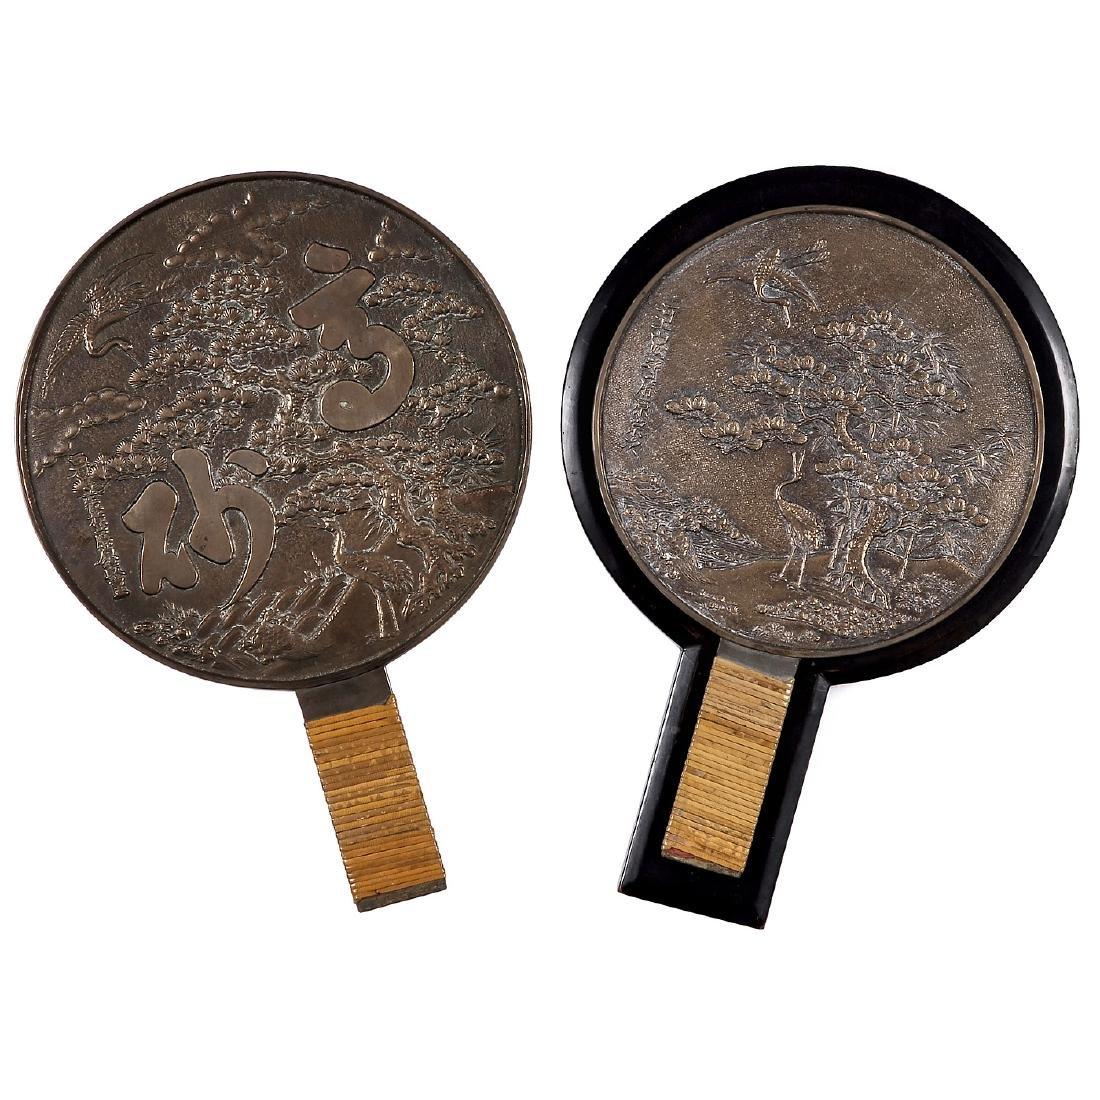 2 Magic Mirrors, c. 1900